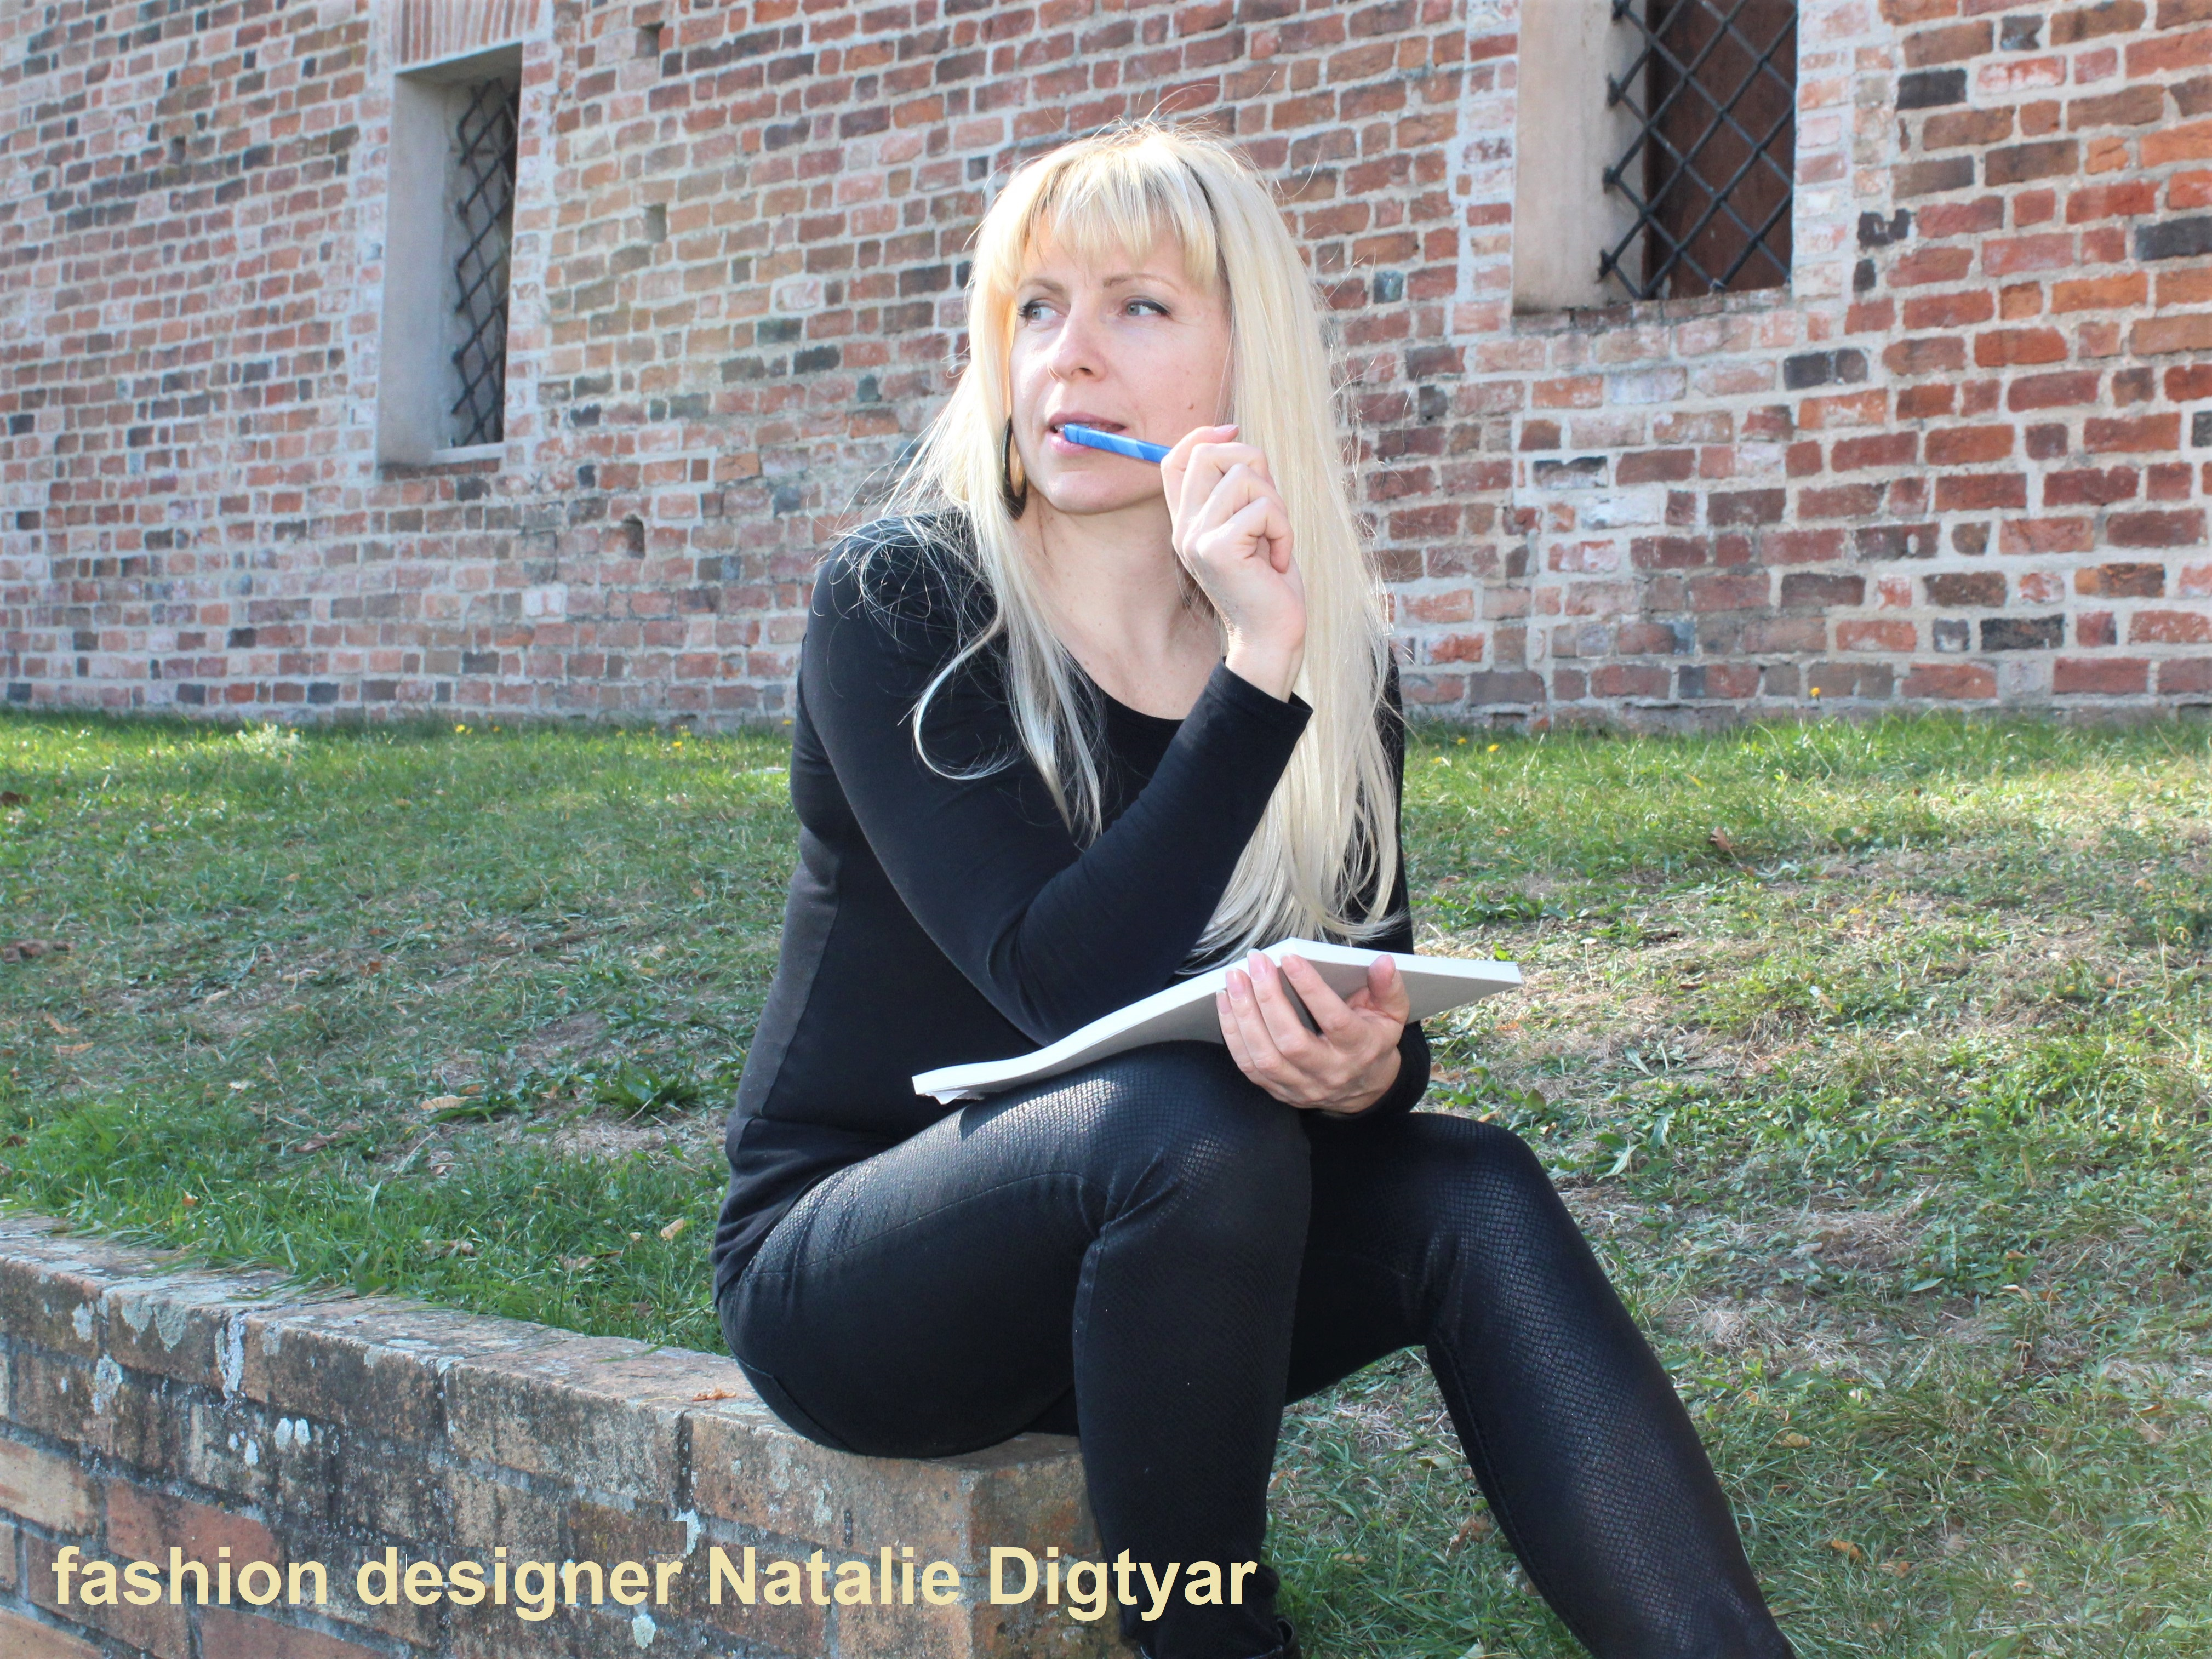 Módní návrhářka Natálie Digtyar | Srdečně vítám v e-shopu DigFashion